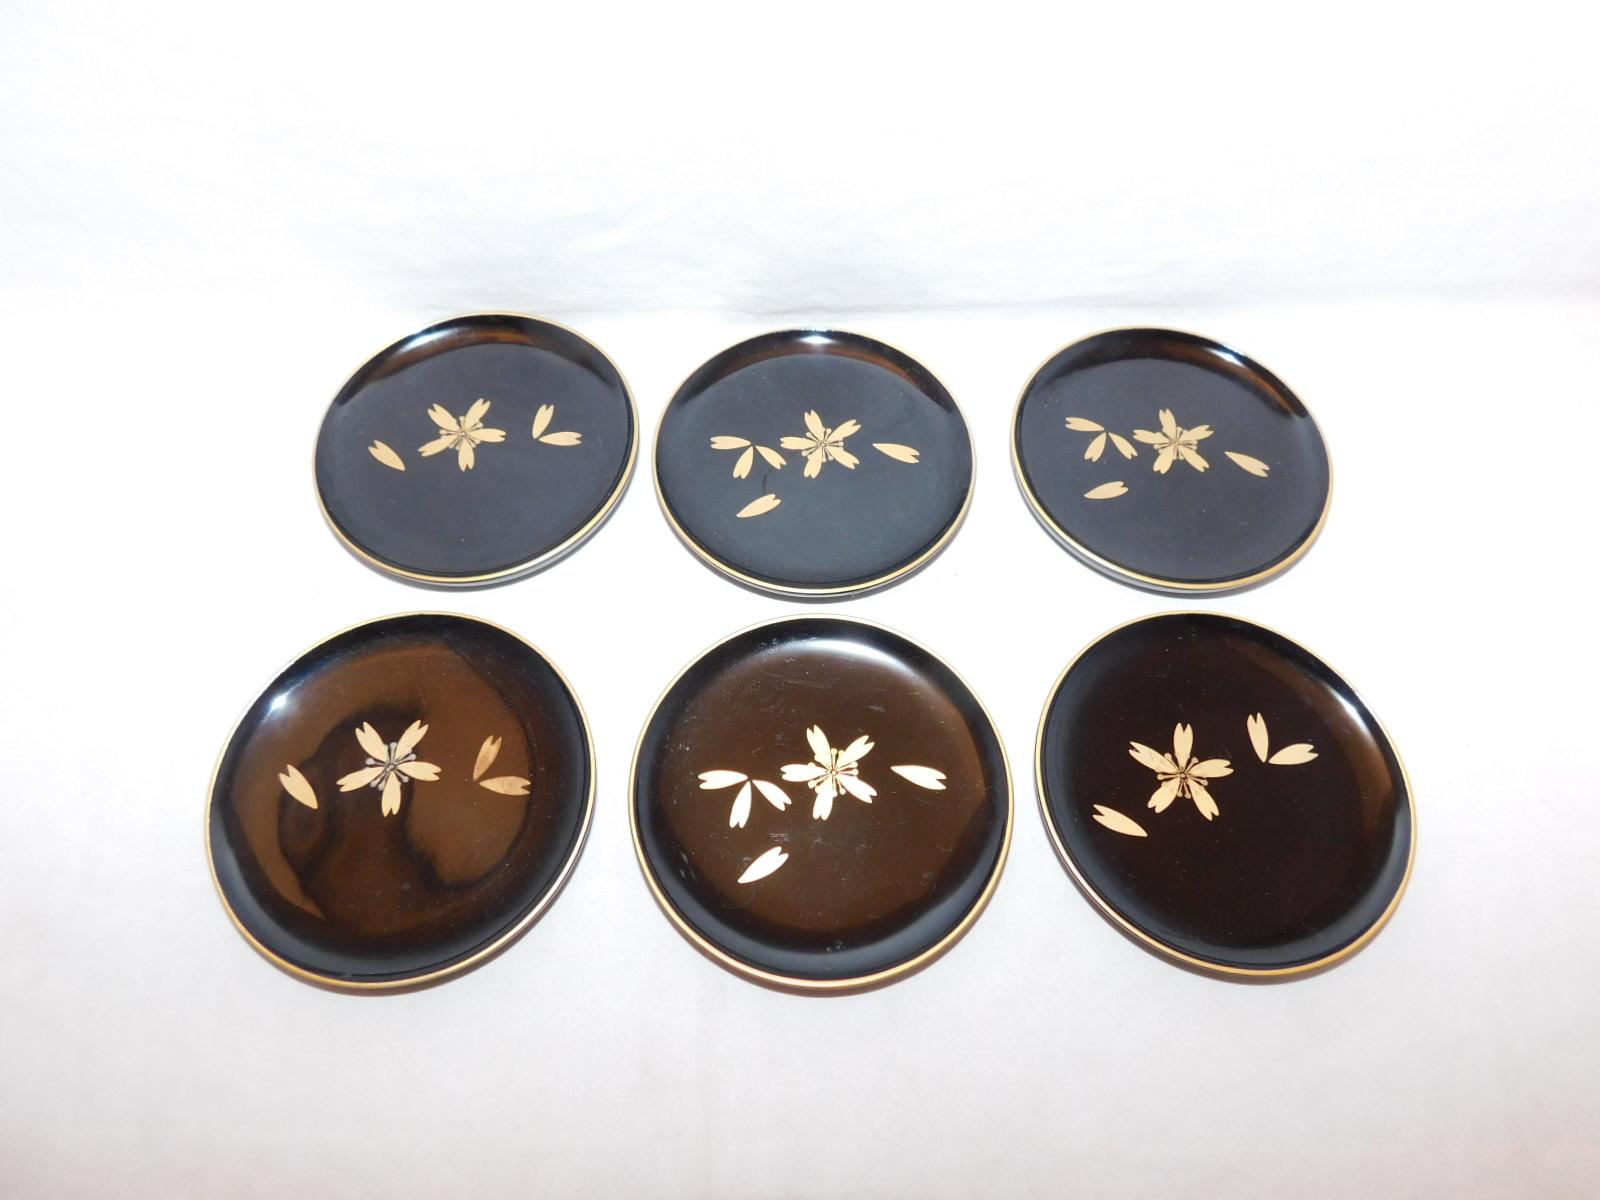 桜模様コースター(6客) lacquer Japanese tea six saucers(No9)